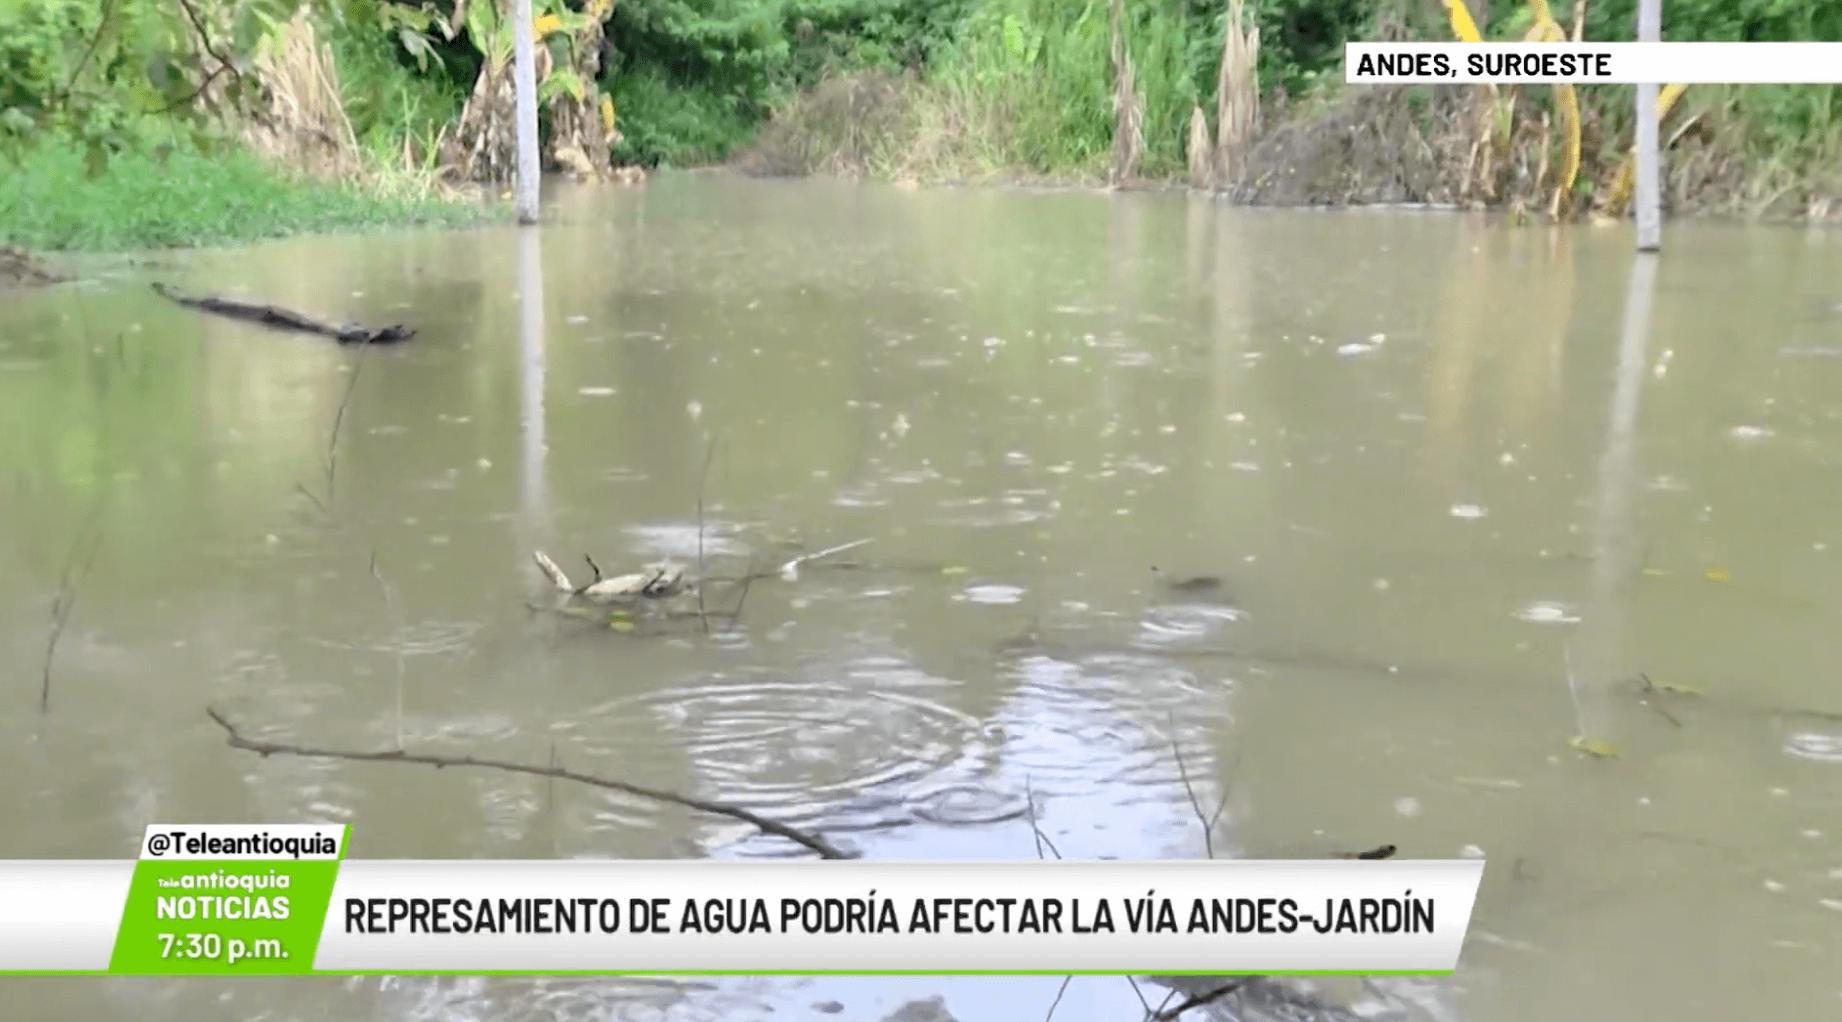 Represamiento de agua podría afectar la vía Andes-Jardín